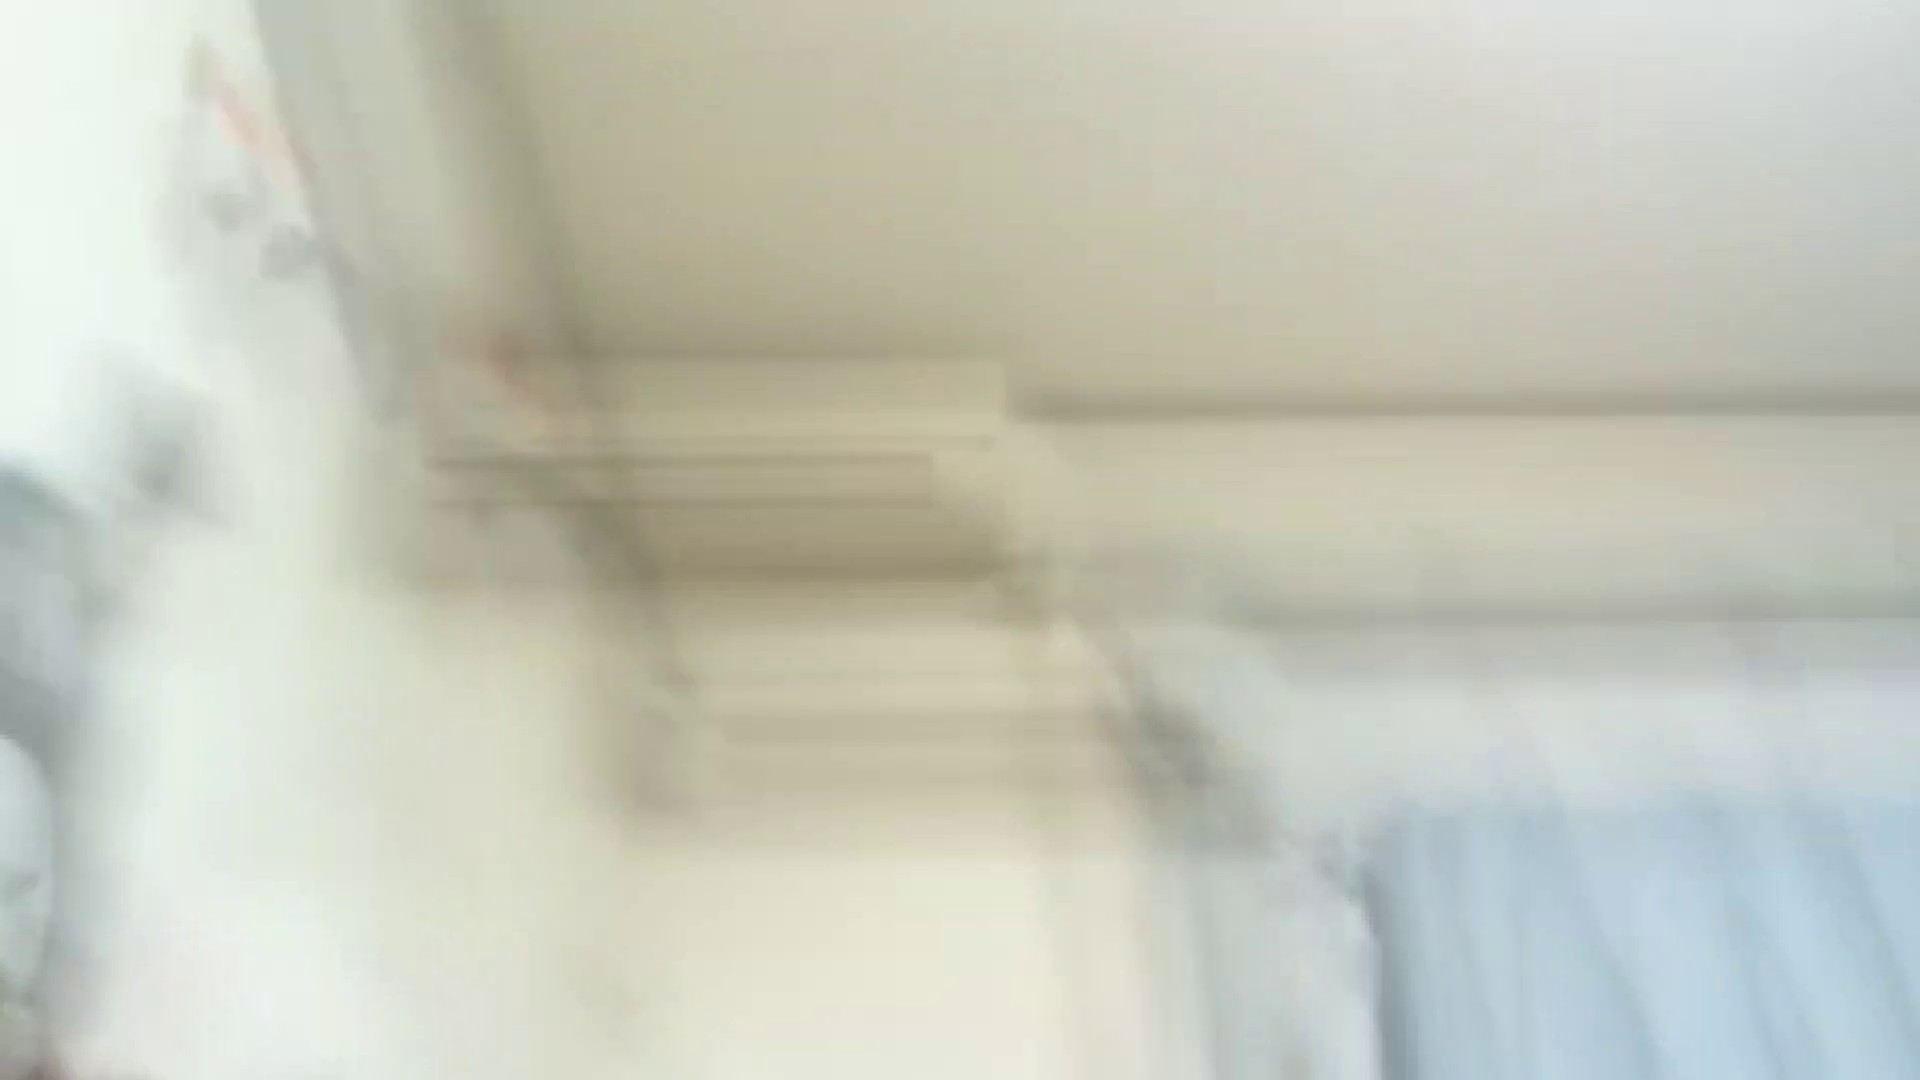 隠し撮りイケメンオナニーピーピング03 流出作品 ゲイフェラチオ画像 86pic 20